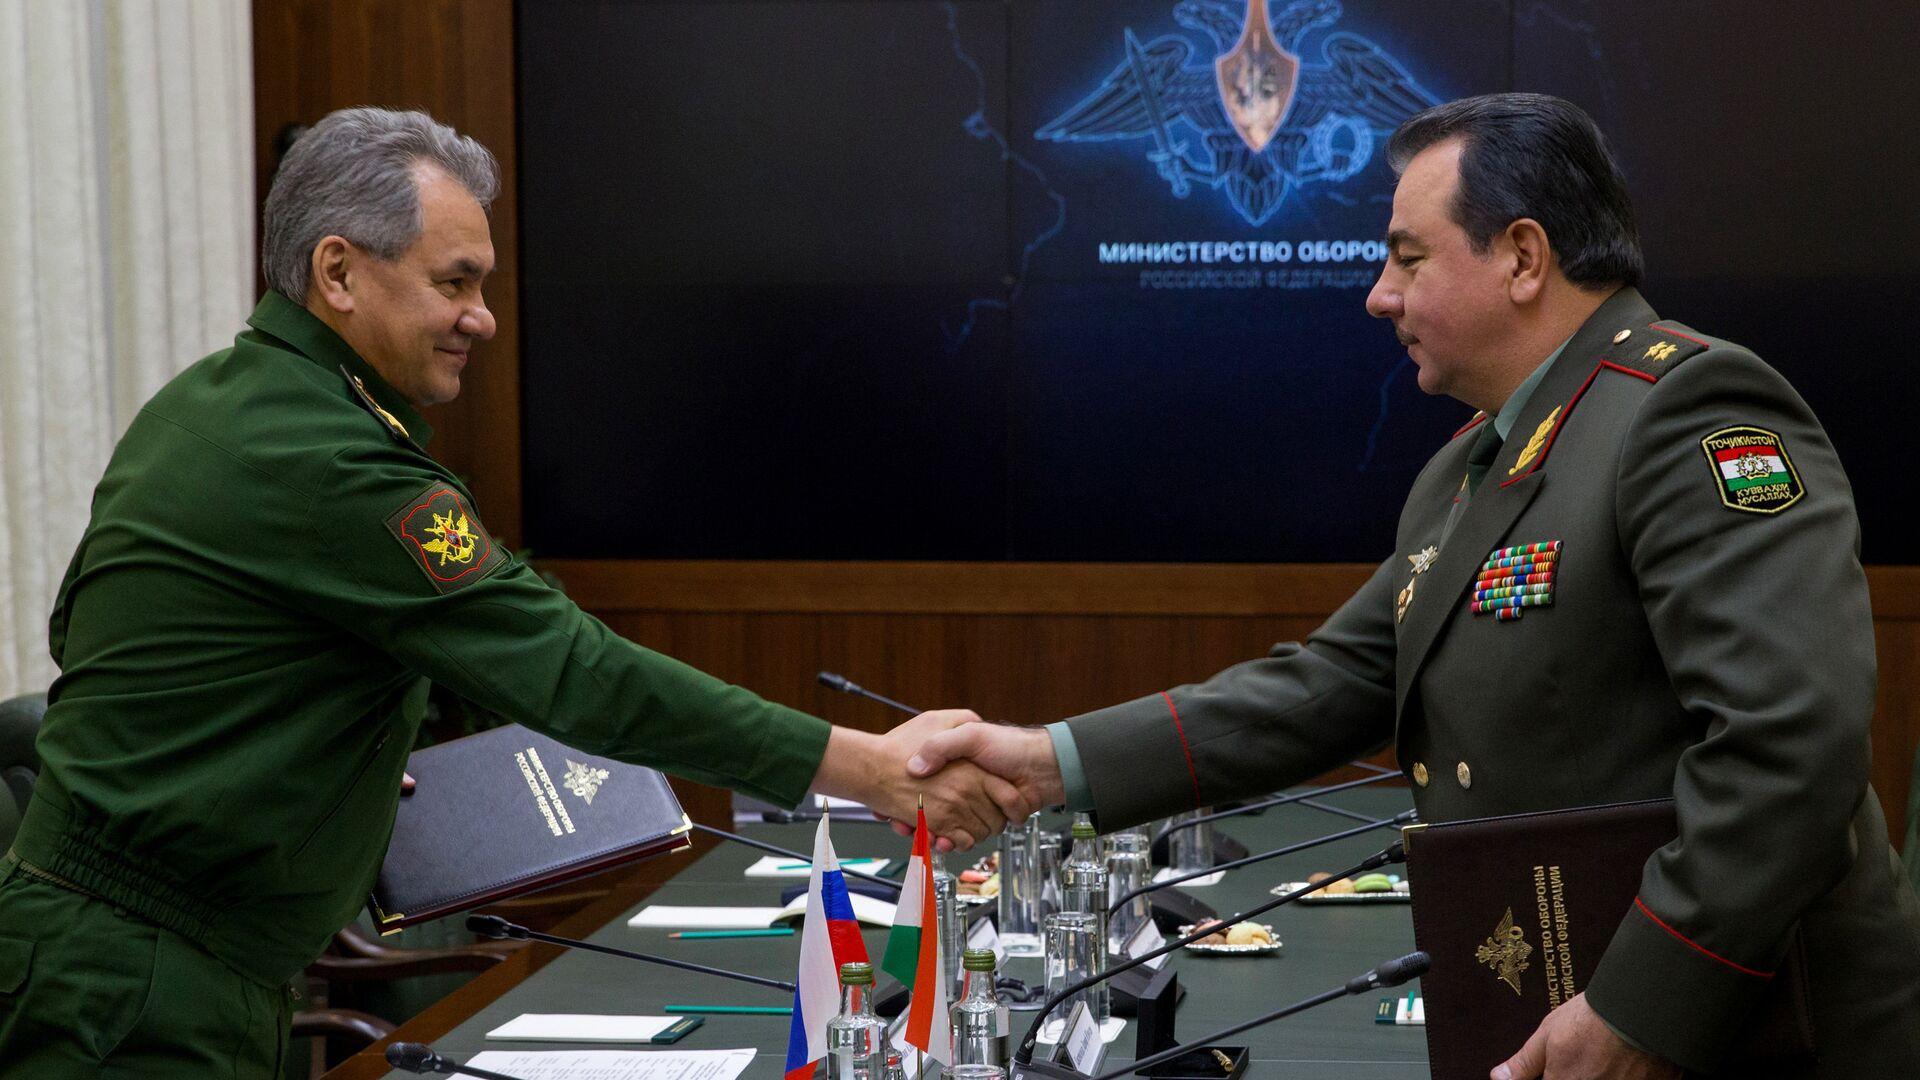 Министры обороны РФ и Таджикистана подписали план сотрудничества на 2017 год - Sputnik Тоҷикистон, 1920, 24.07.2021